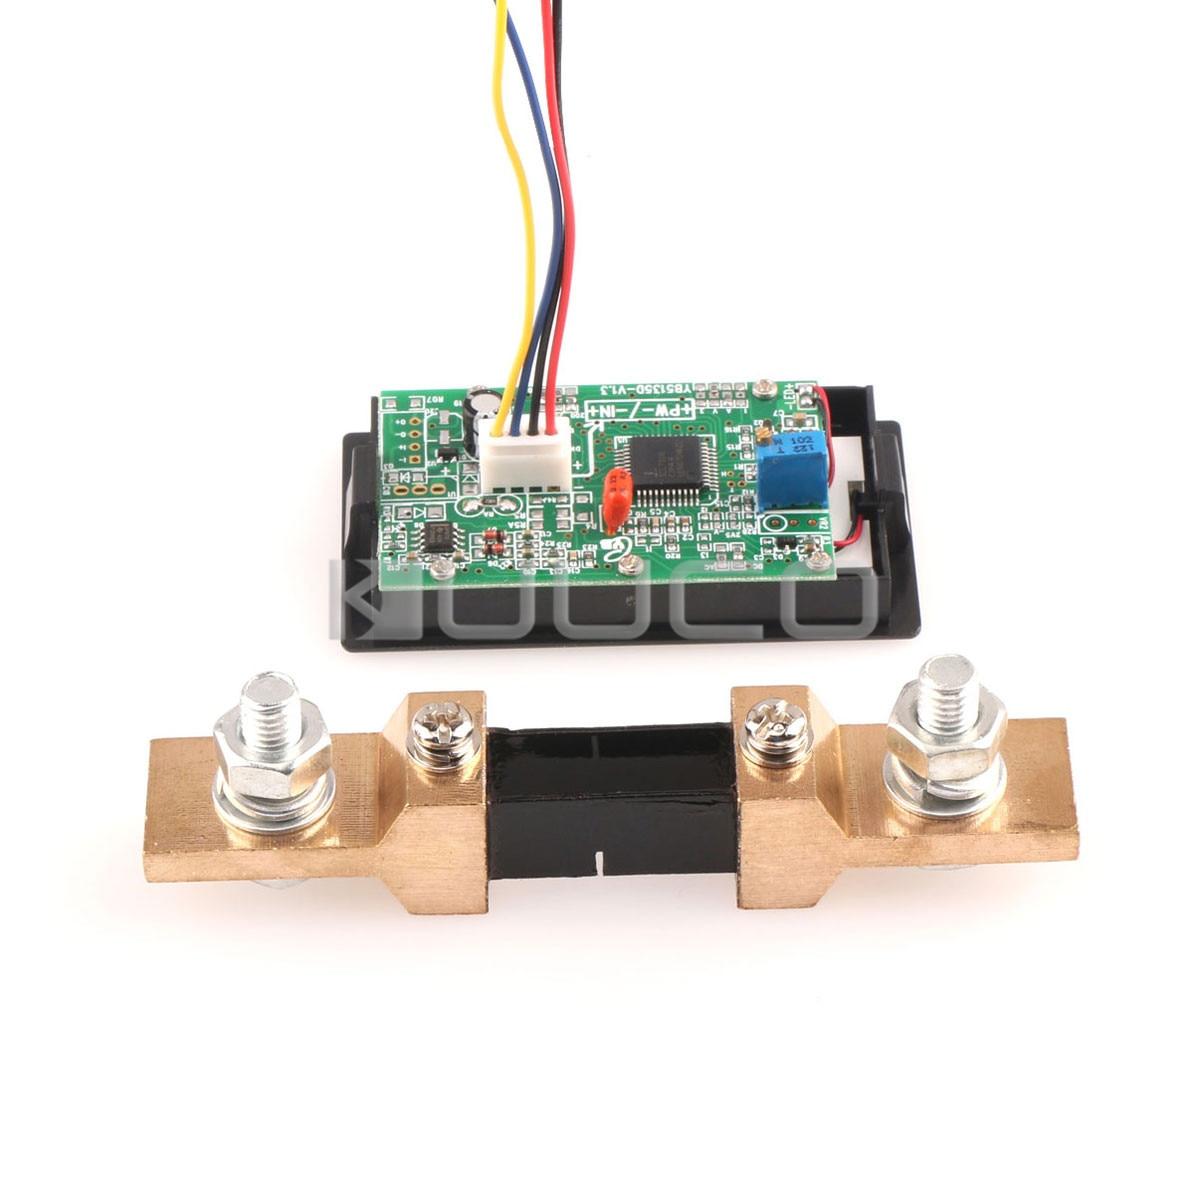 digital tester lcd ammeter ac 0 200a digital current meter ac dc 8v 12v amp meter gauge ampere meter shunt resistor in instrument parts accessories  [ 1194 x 1194 Pixel ]